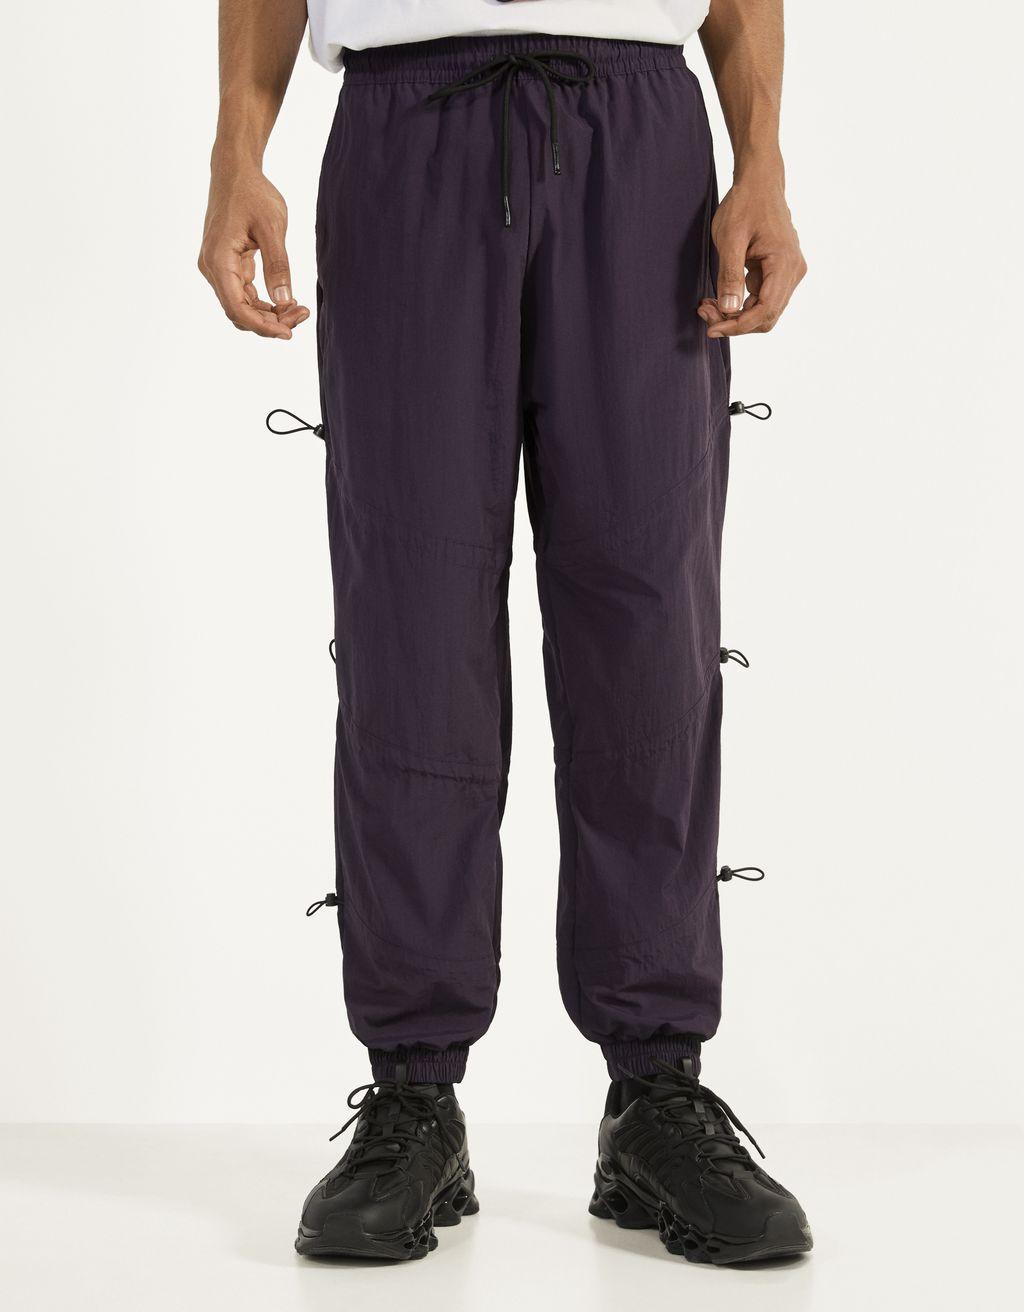 Pantalón jogger con elásticos